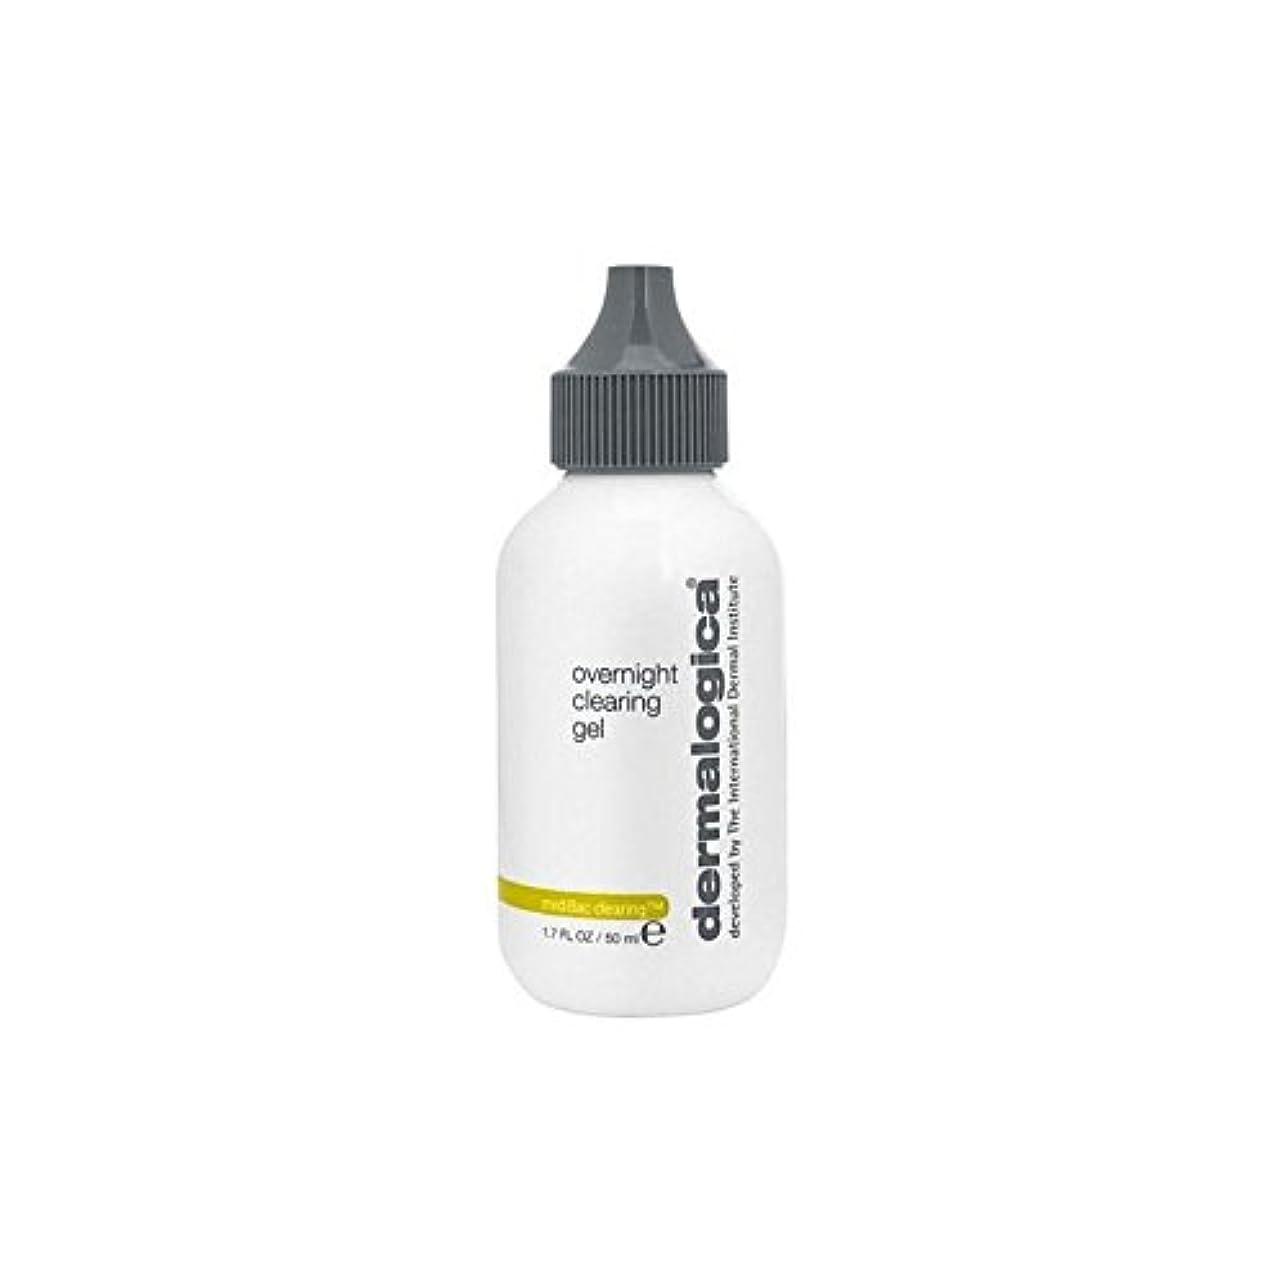 サスティーンクスクス規範Dermalogica Medibac Overnight Clearing Gel (50ml) (Pack of 6) - ダーマロジカ一晩透明ゲル(50)中 x6 [並行輸入品]